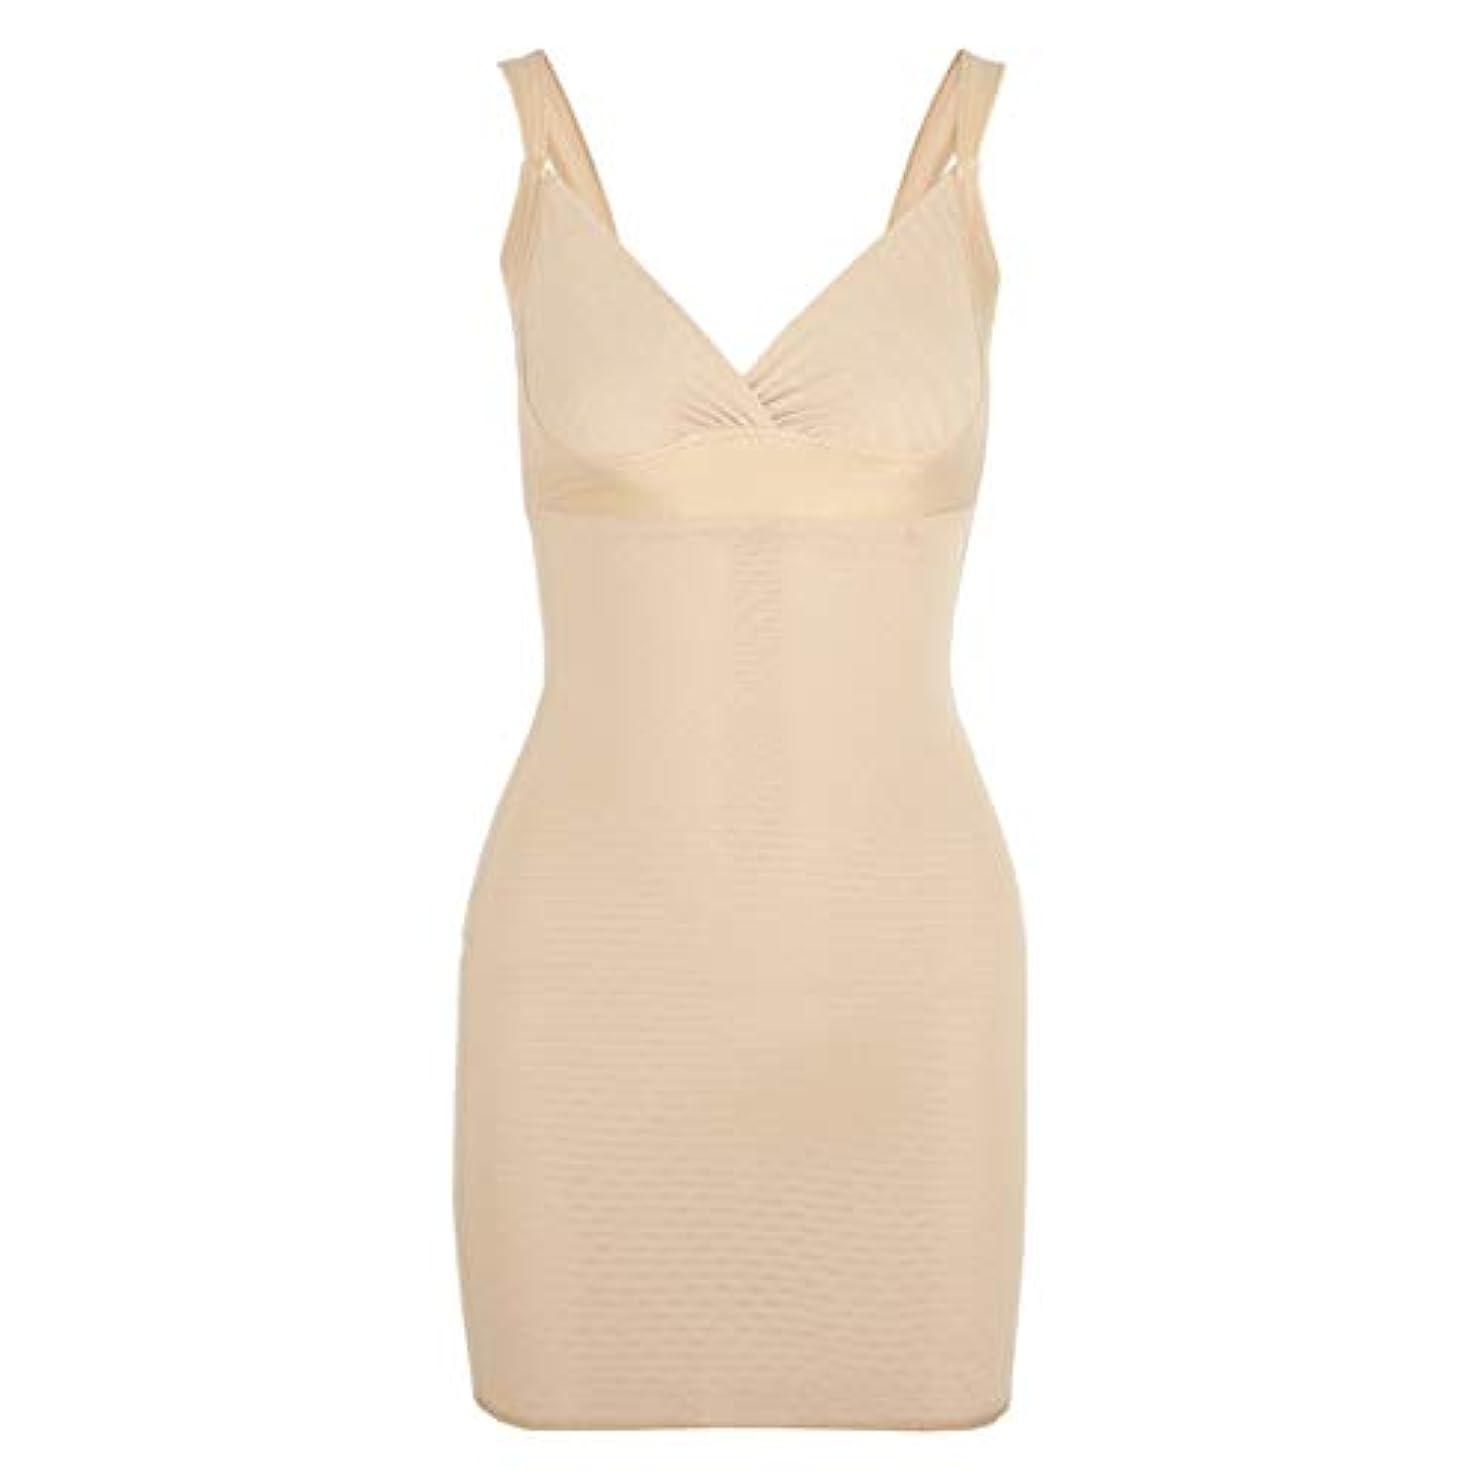 眠る責任推論女性のポスト産後Post身下着シェイパードレスを回復ボディスーツシェイプウェアウエストコルセットガードル-アプリコット-XL